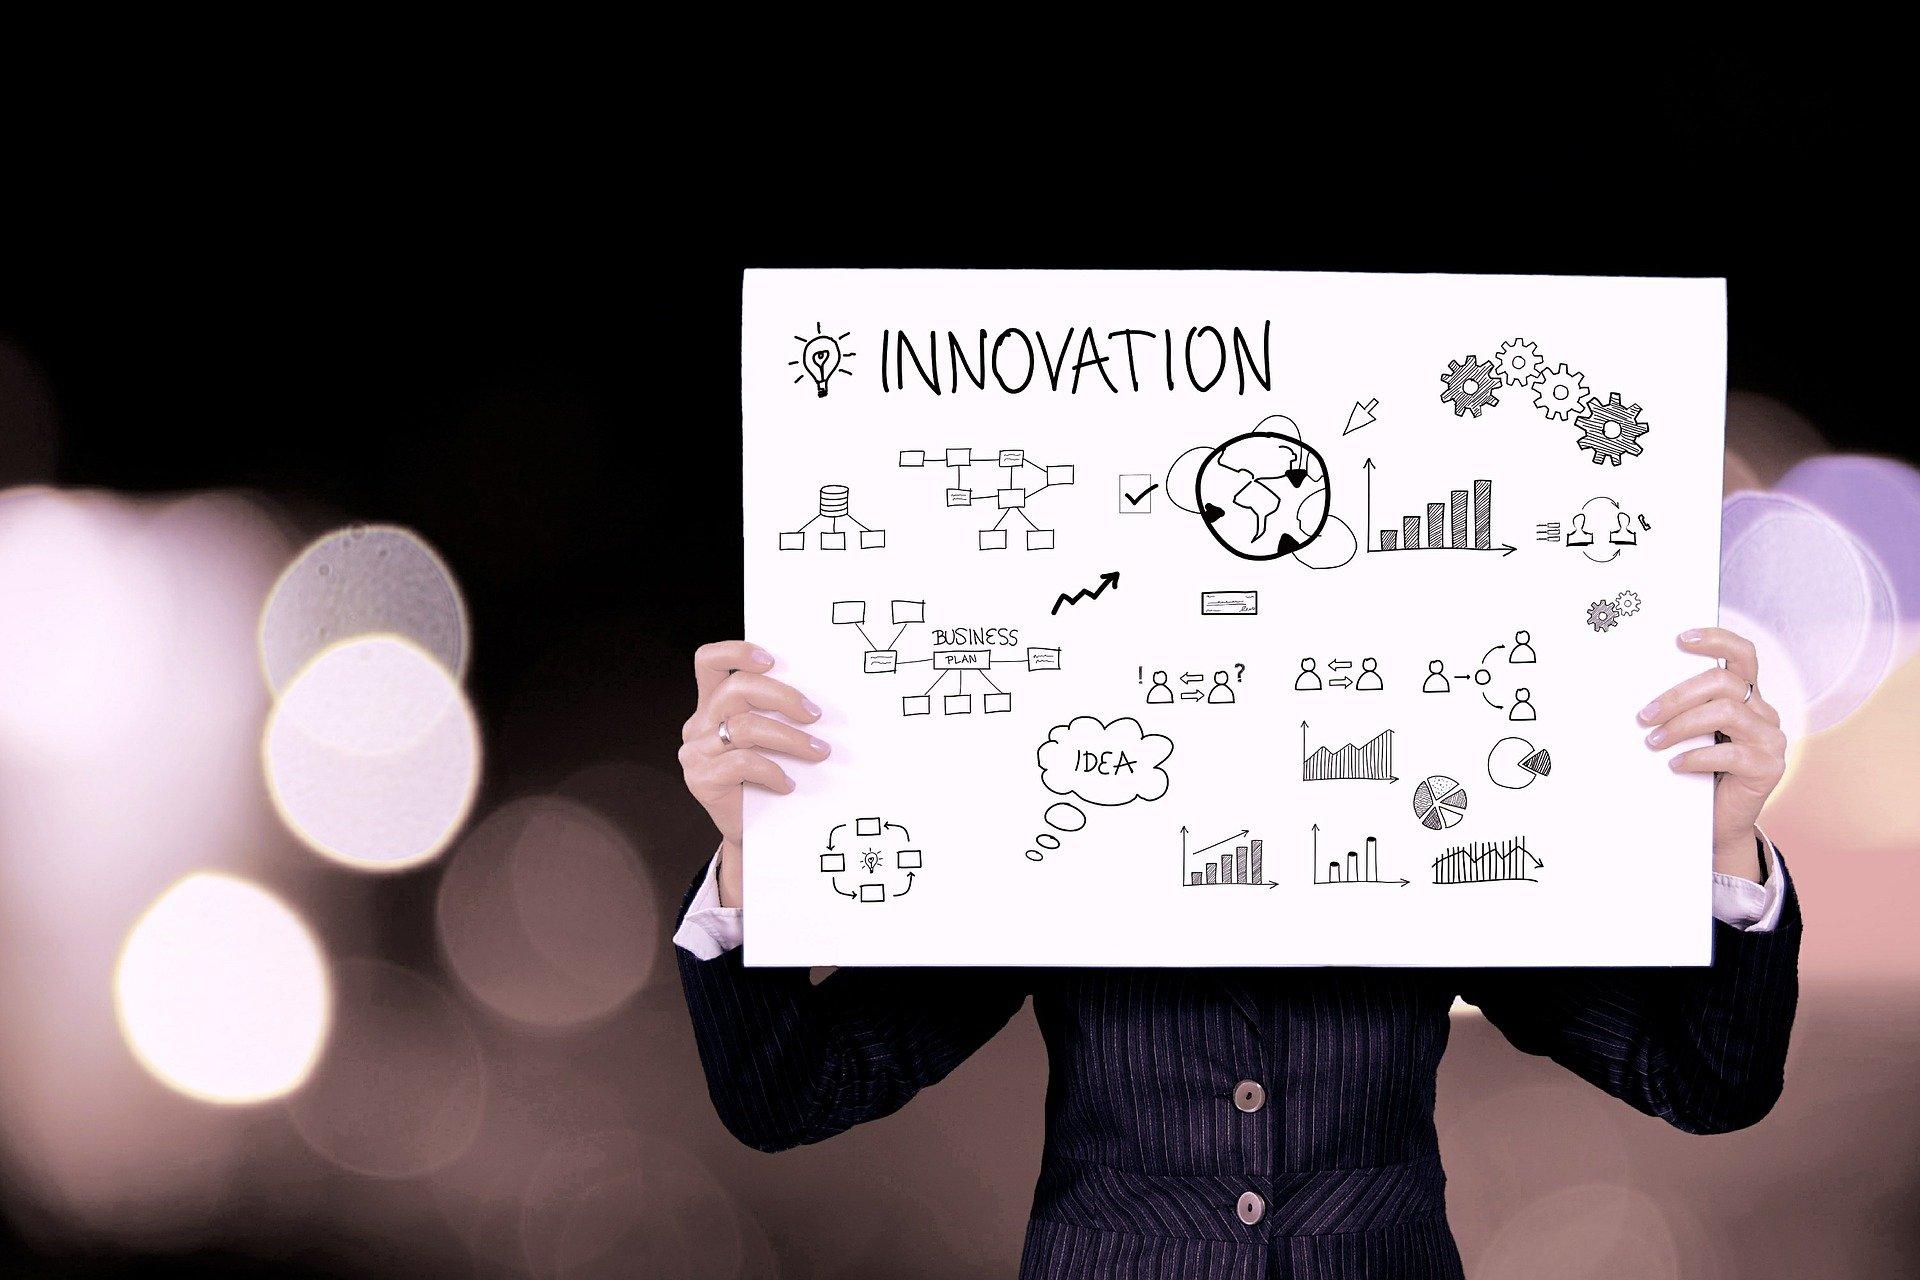 innovation-561388_1920